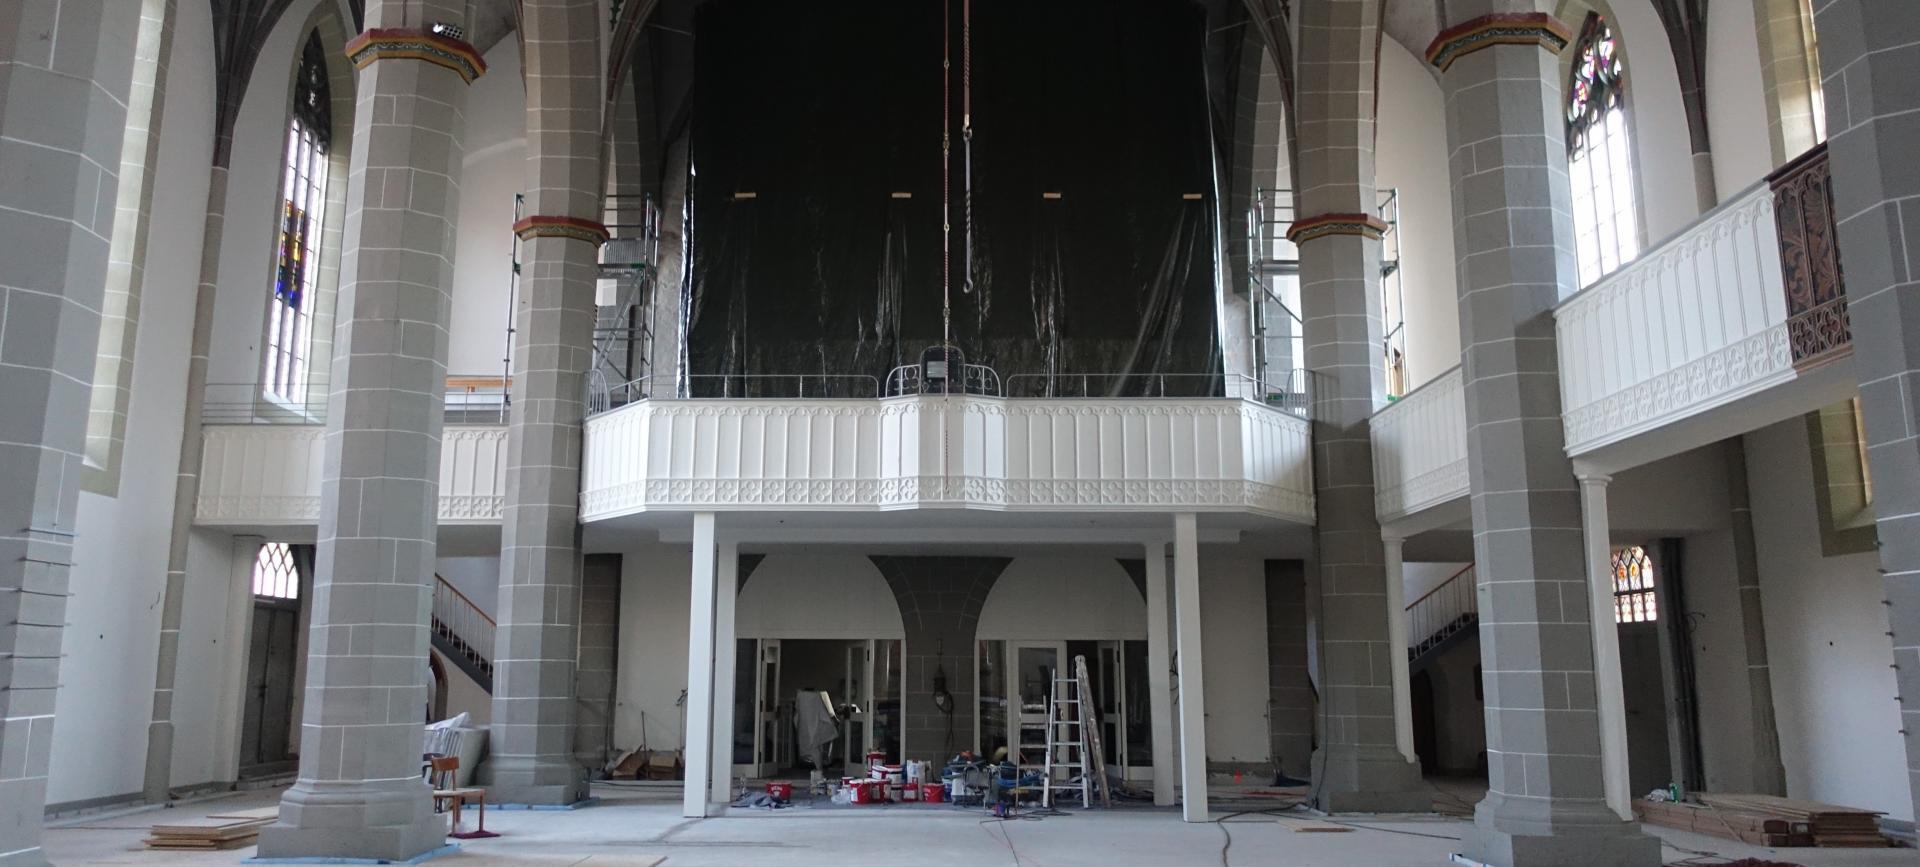 Irgendwie ist auch die Orgelemporenbrüstung strahlender- hoffen wir auf baldige Intonationen